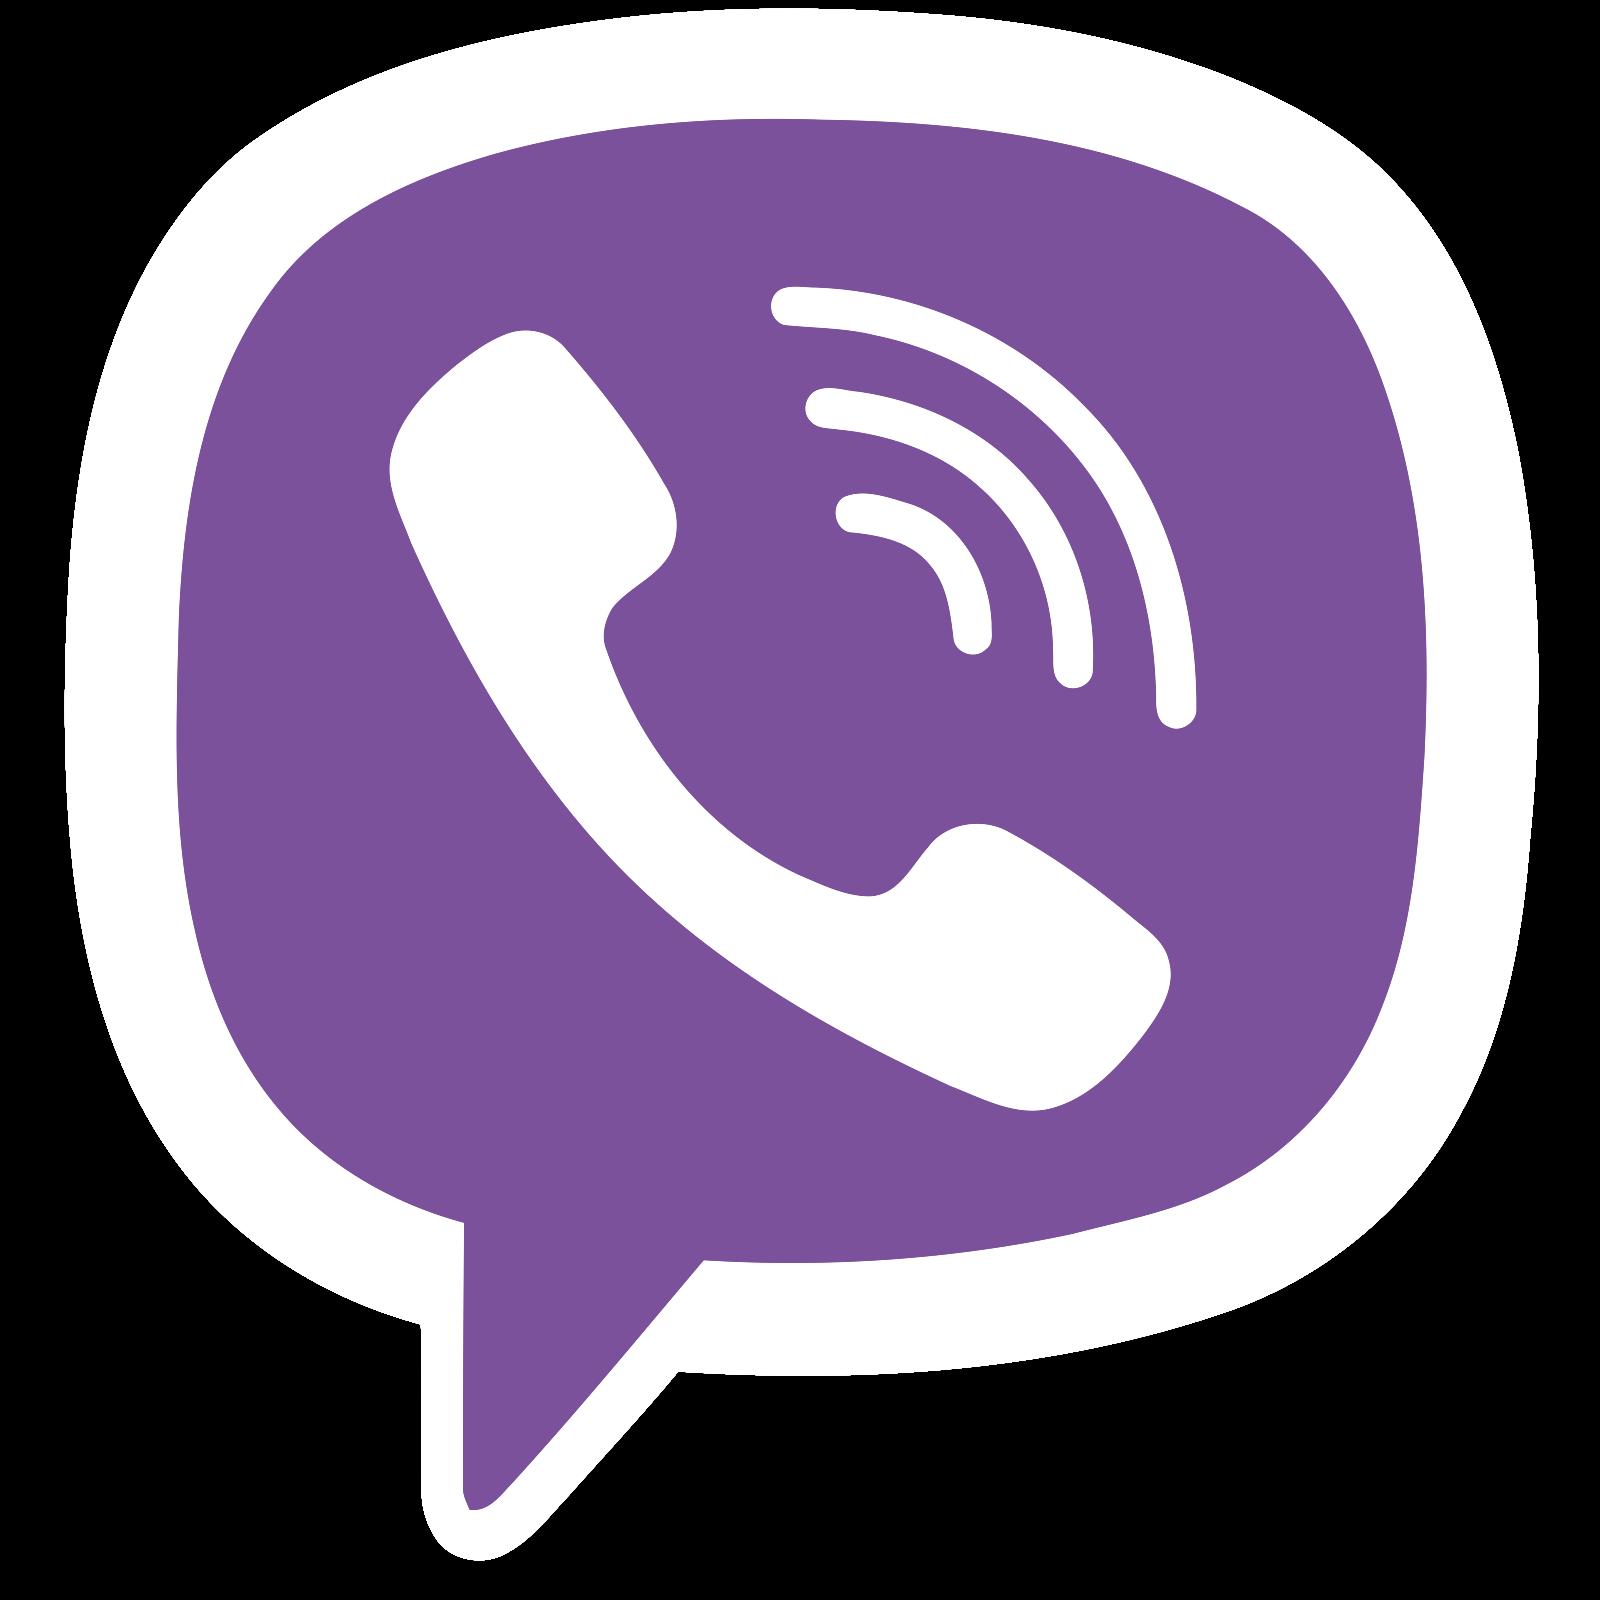 Не працює Viber на iPhone: що треба зробити